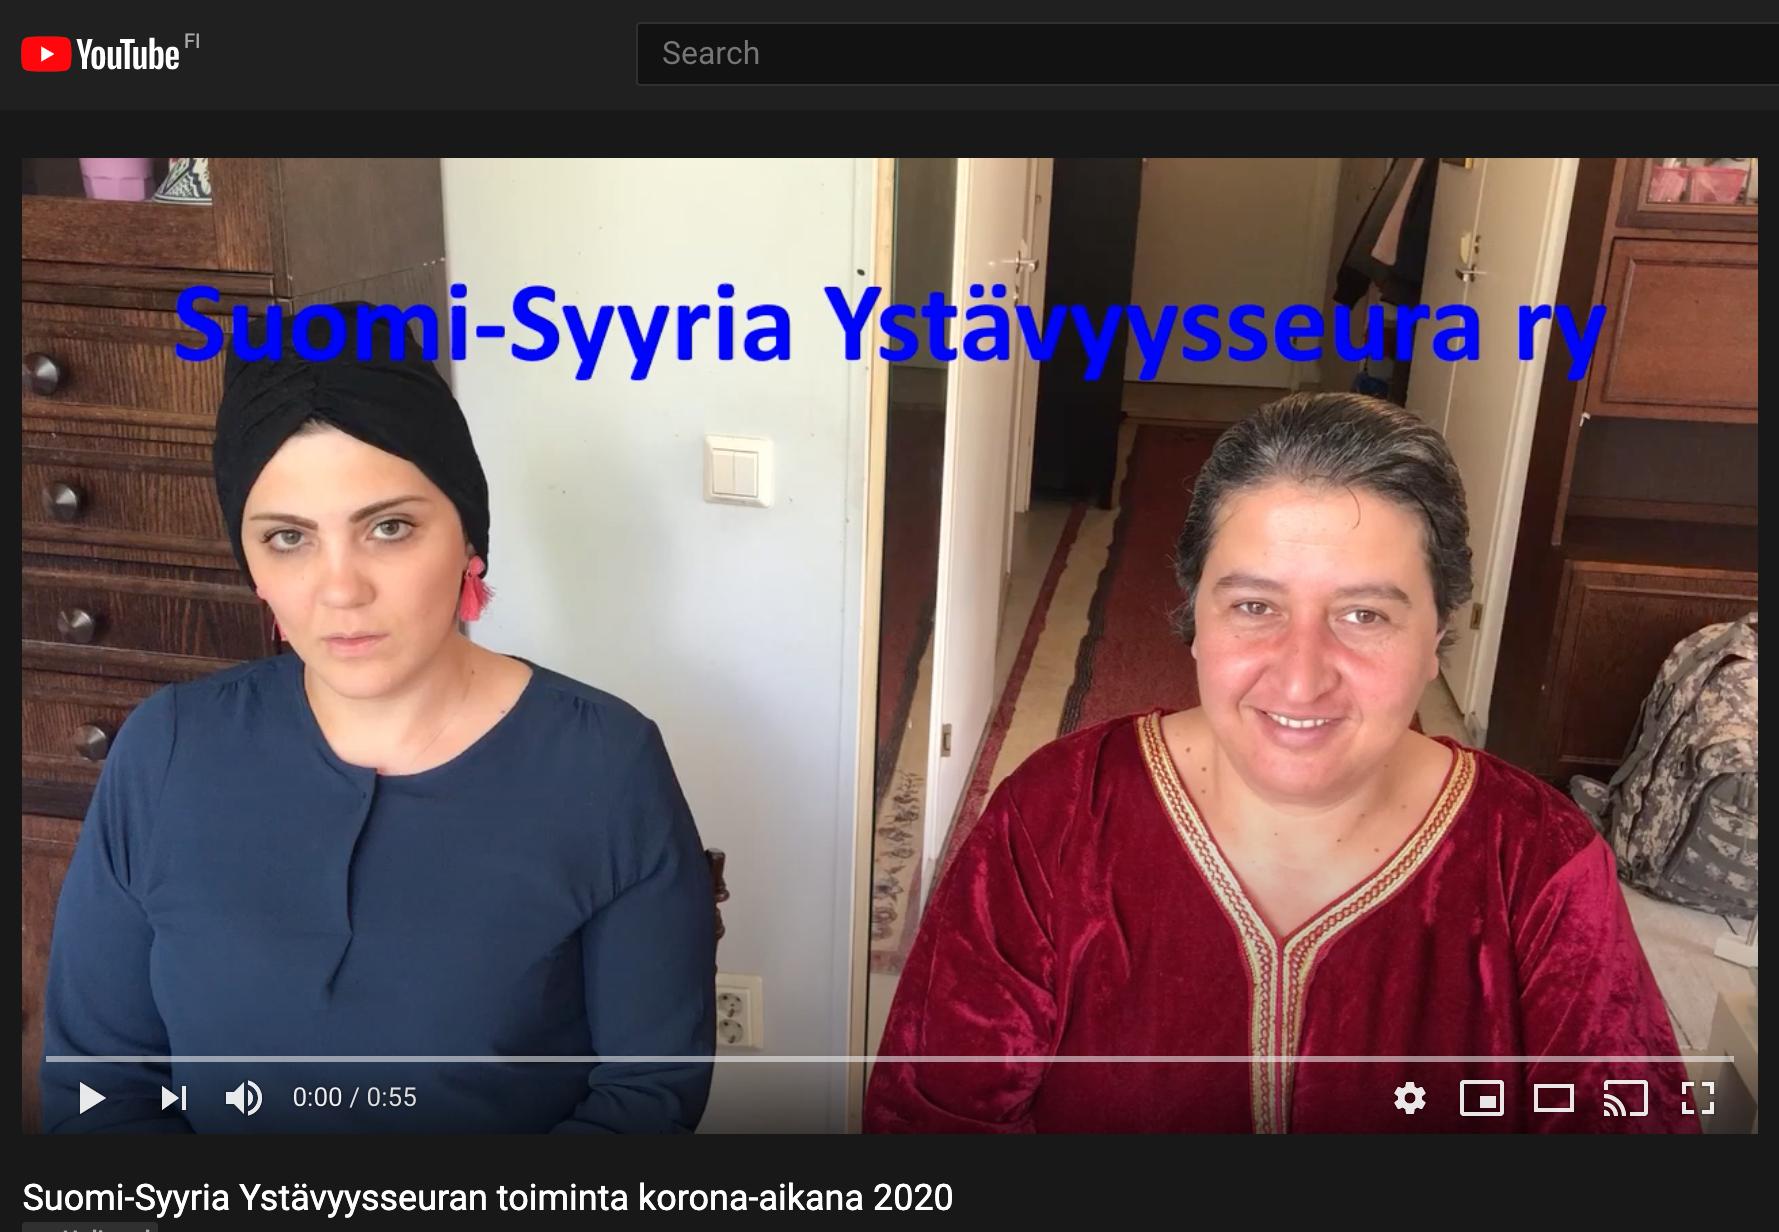 Kuvakaappaus YouTube-videosta. Kuvassa Suomi-Syyria Ystävyysseura ry:n työntekijöitä.